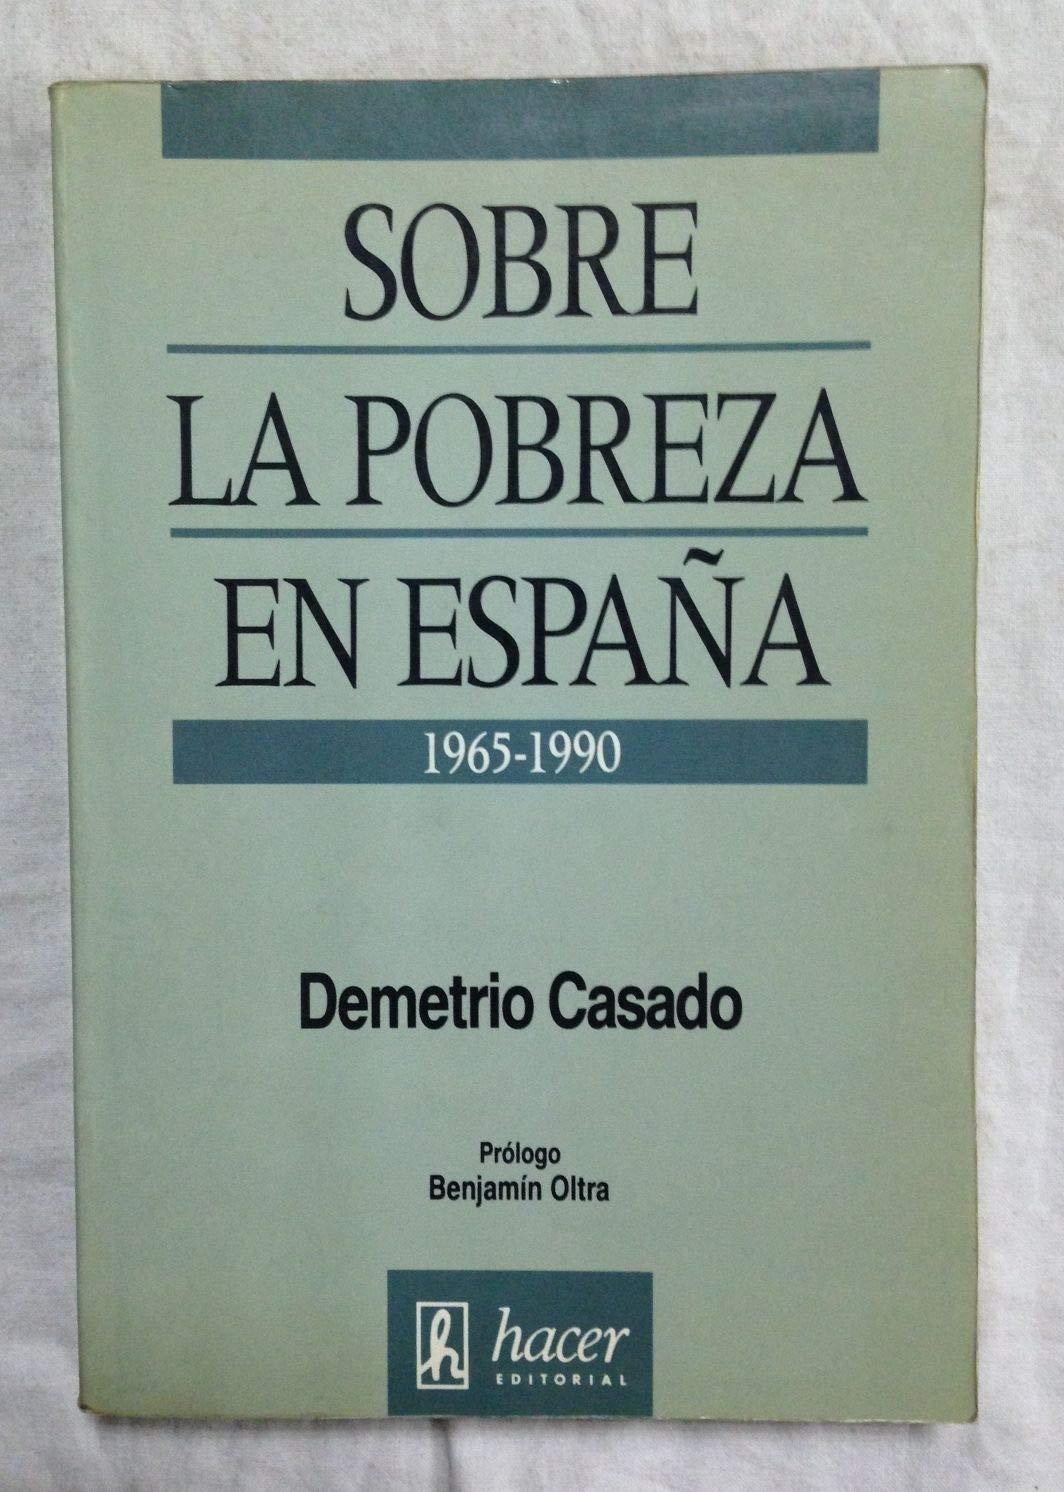 SOBRE LA POBREZA EN ESPAÑA, 1965-1990: Amazon.es: Casado, Demetrio: Libros